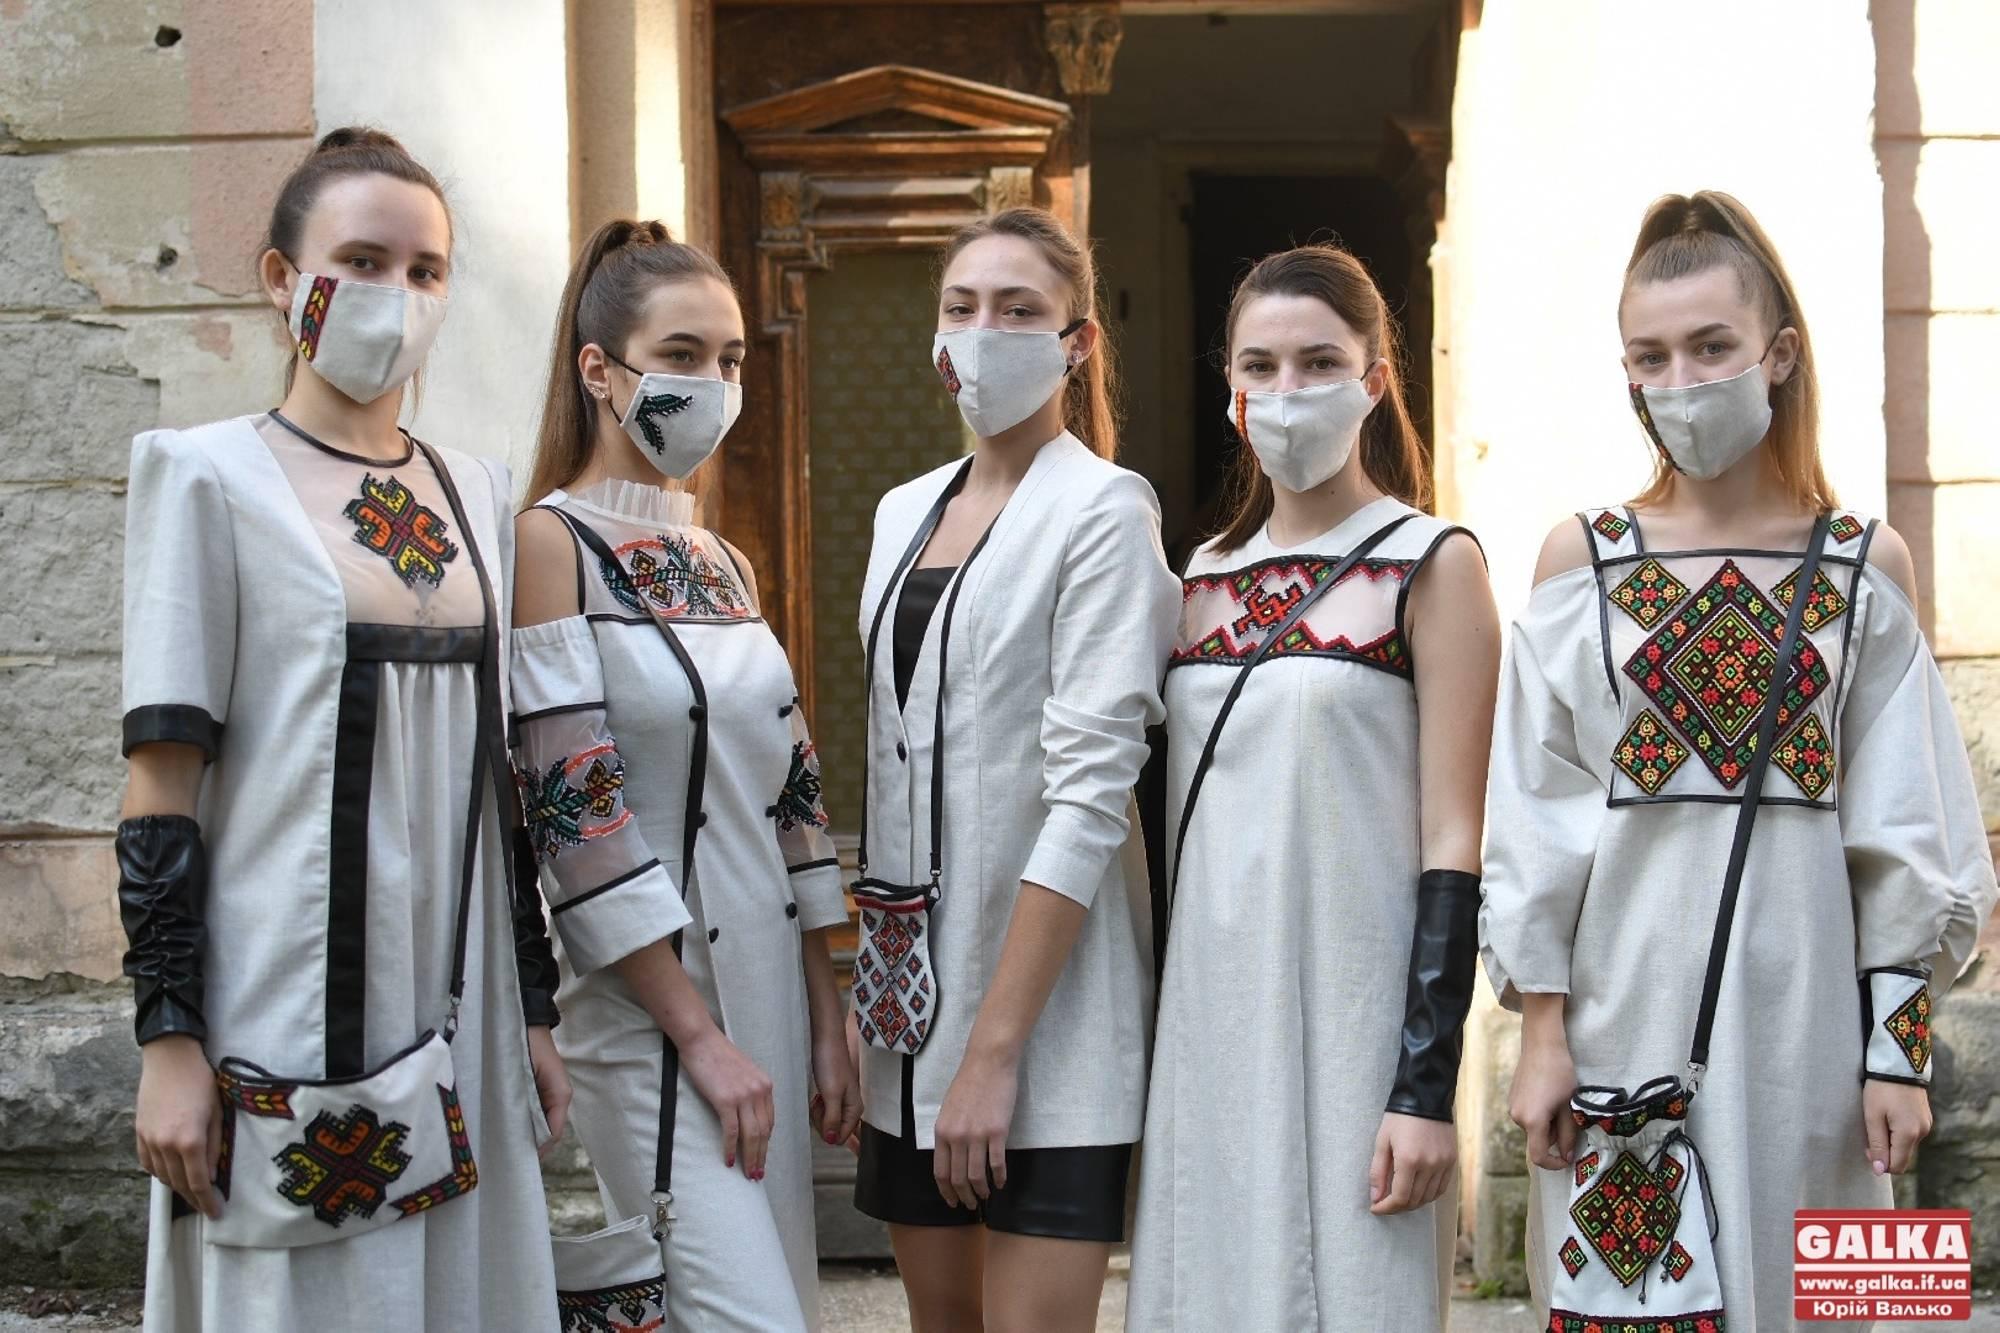 Вишиті маски та вбрання з натуральних тканин: у Франківську провели фестиваль етномоди КрайКА (ФОТО)